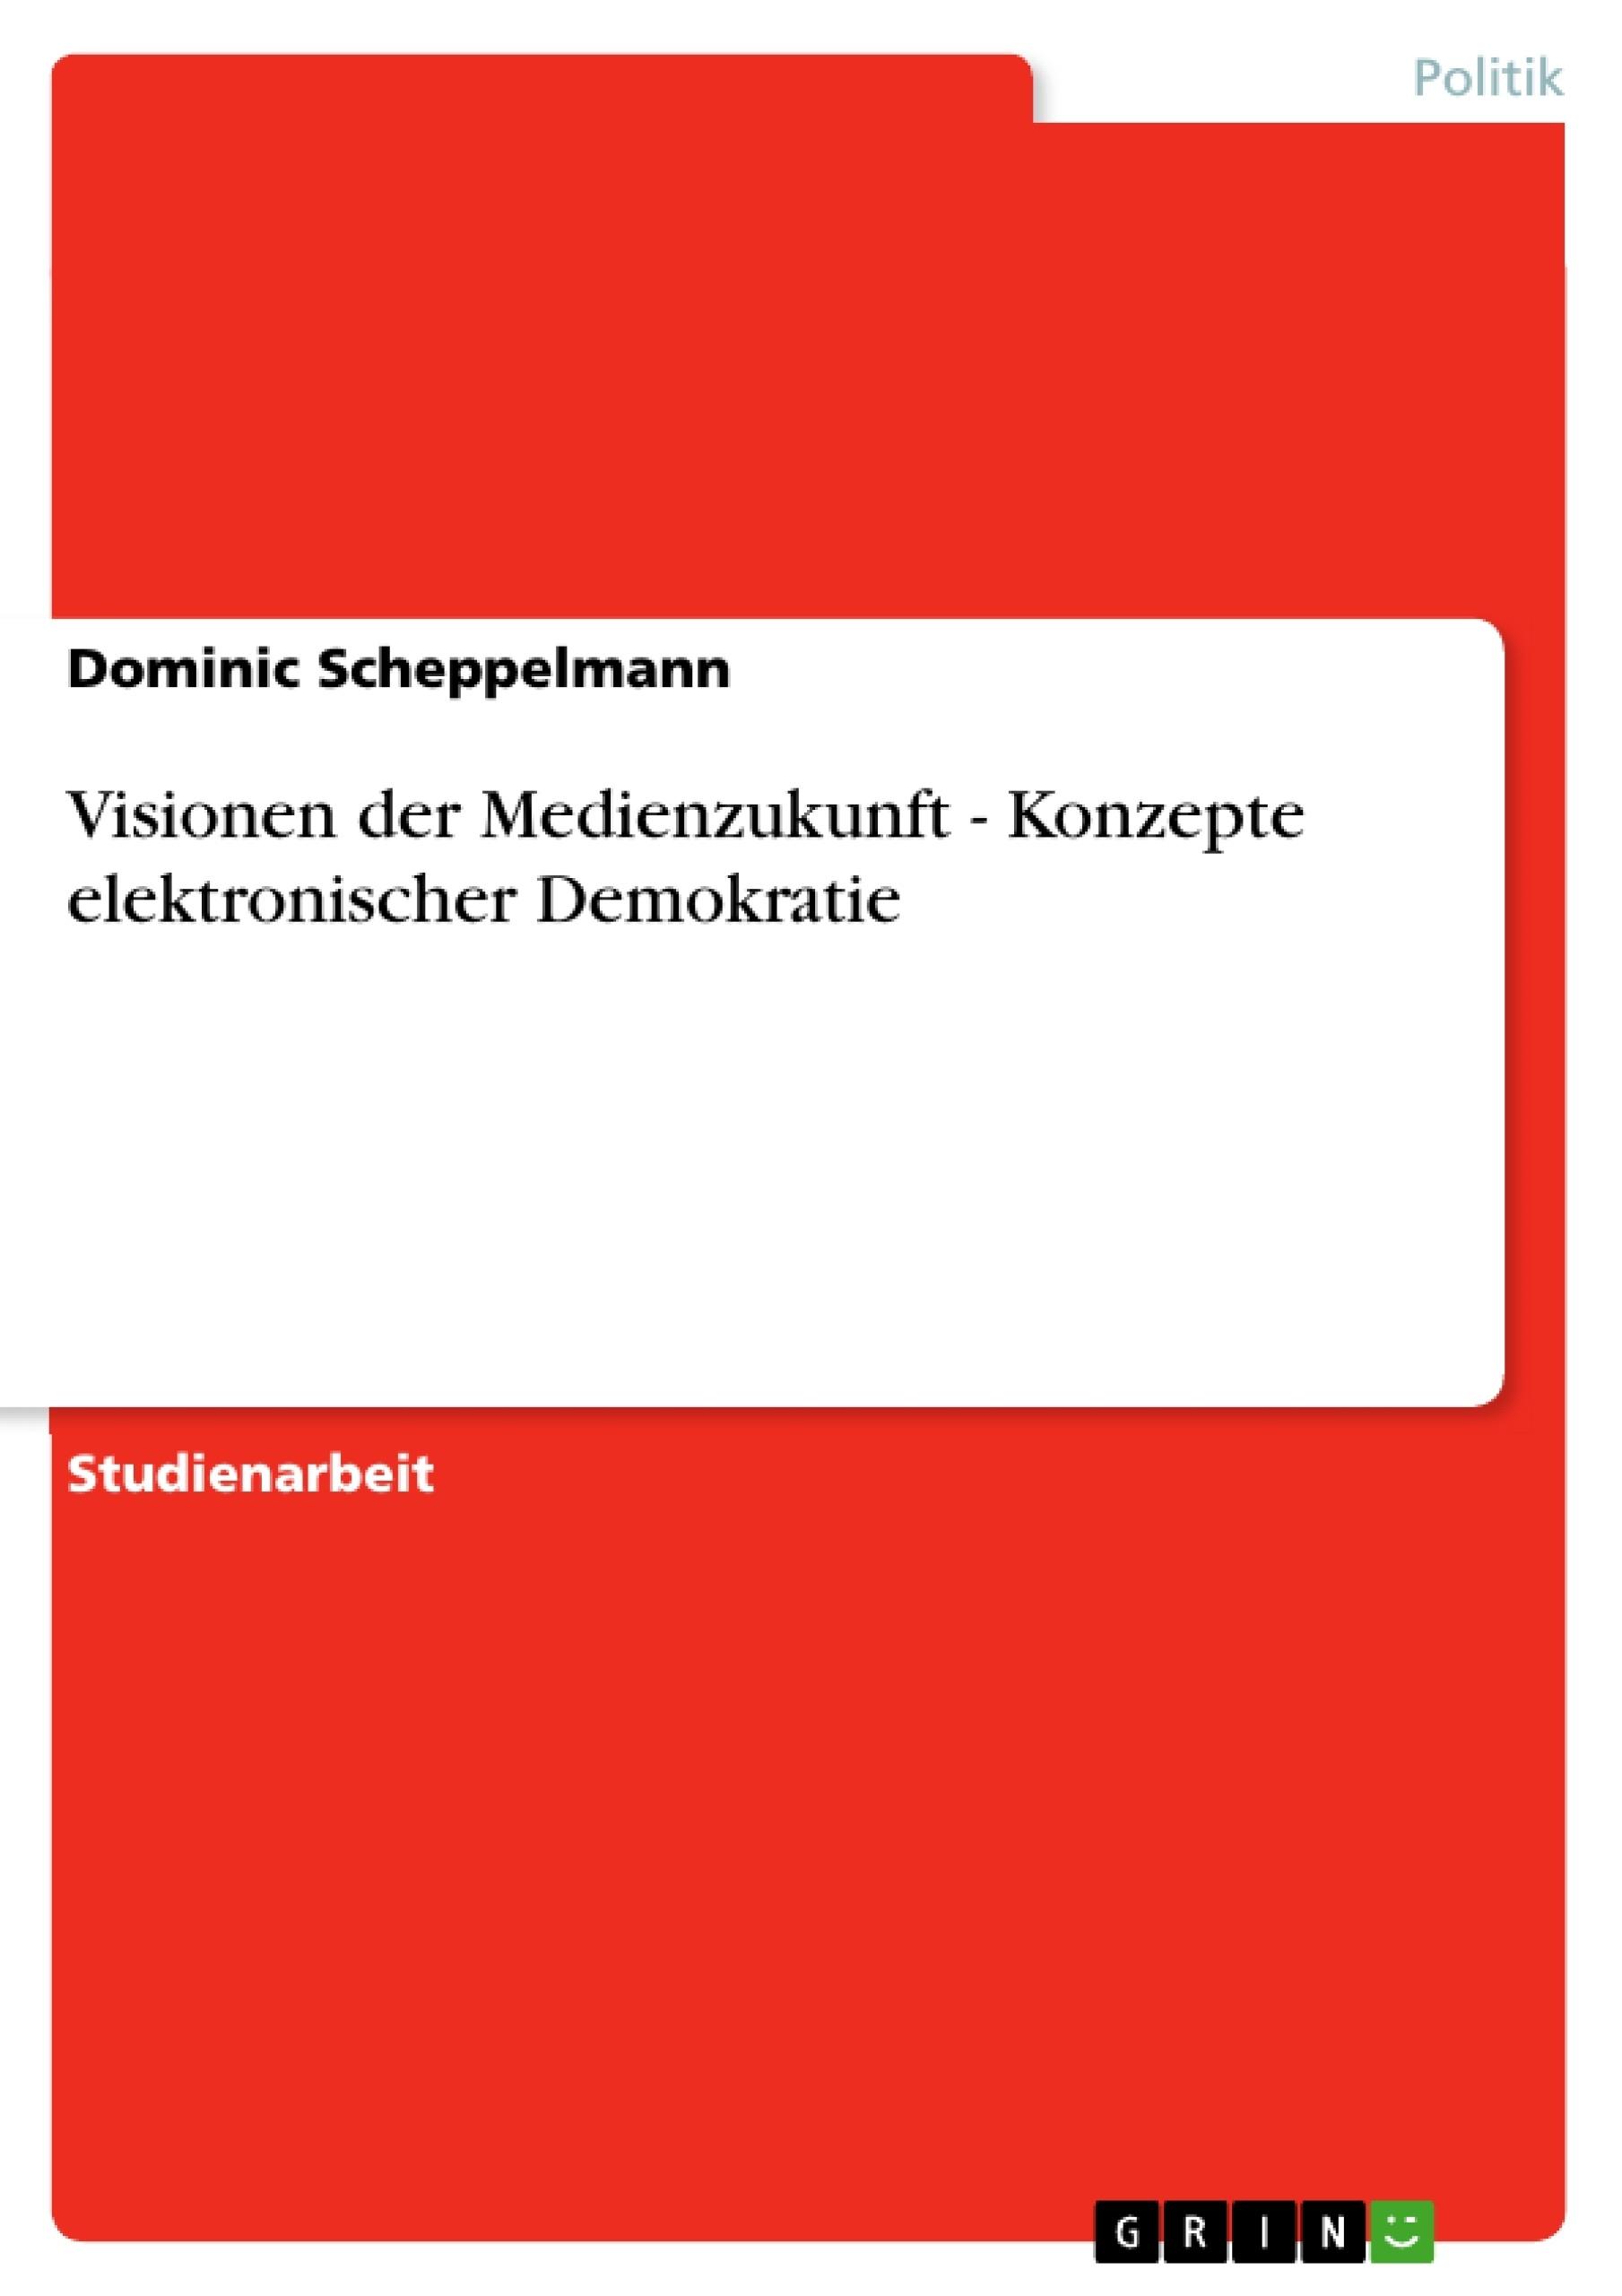 Titel: Visionen der Medienzukunft - Konzepte elektronischer Demokratie